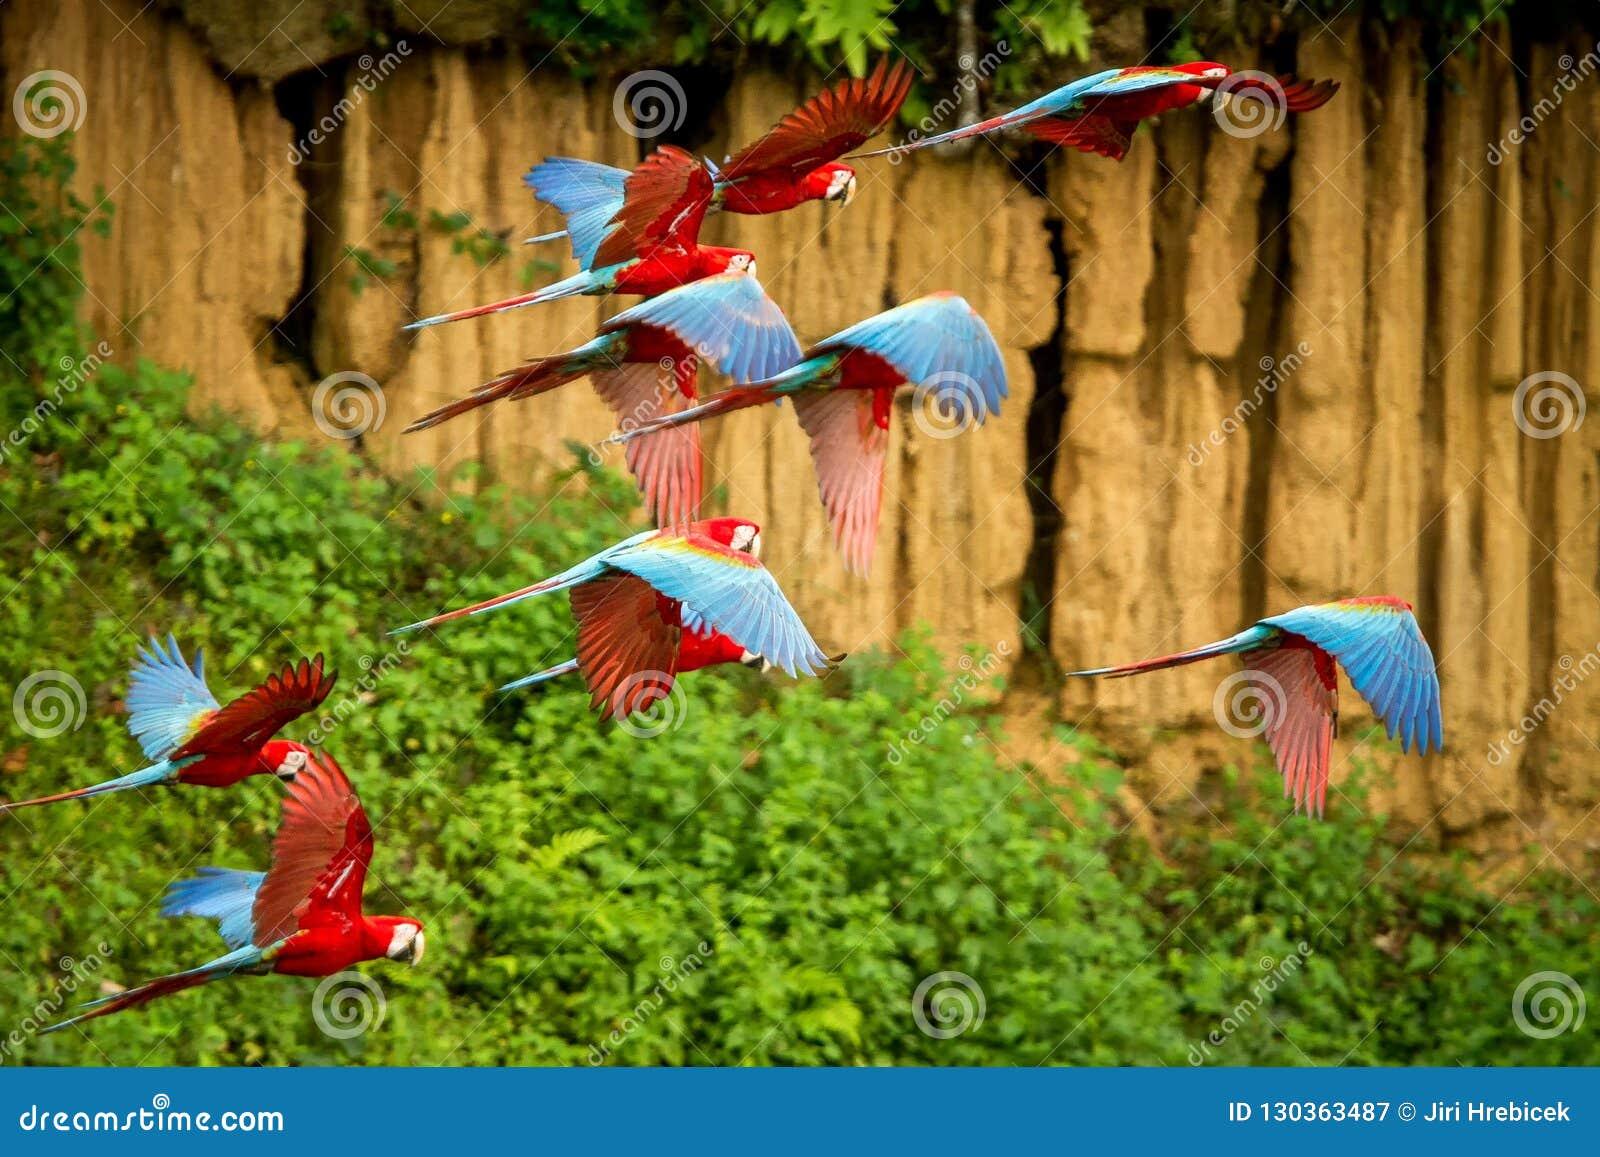 在飞行中红色鹦鹉群  金刚鹦鹉飞行,绿色植被在背景中 红色和绿色金刚鹦鹉在热带森林,秘鲁里